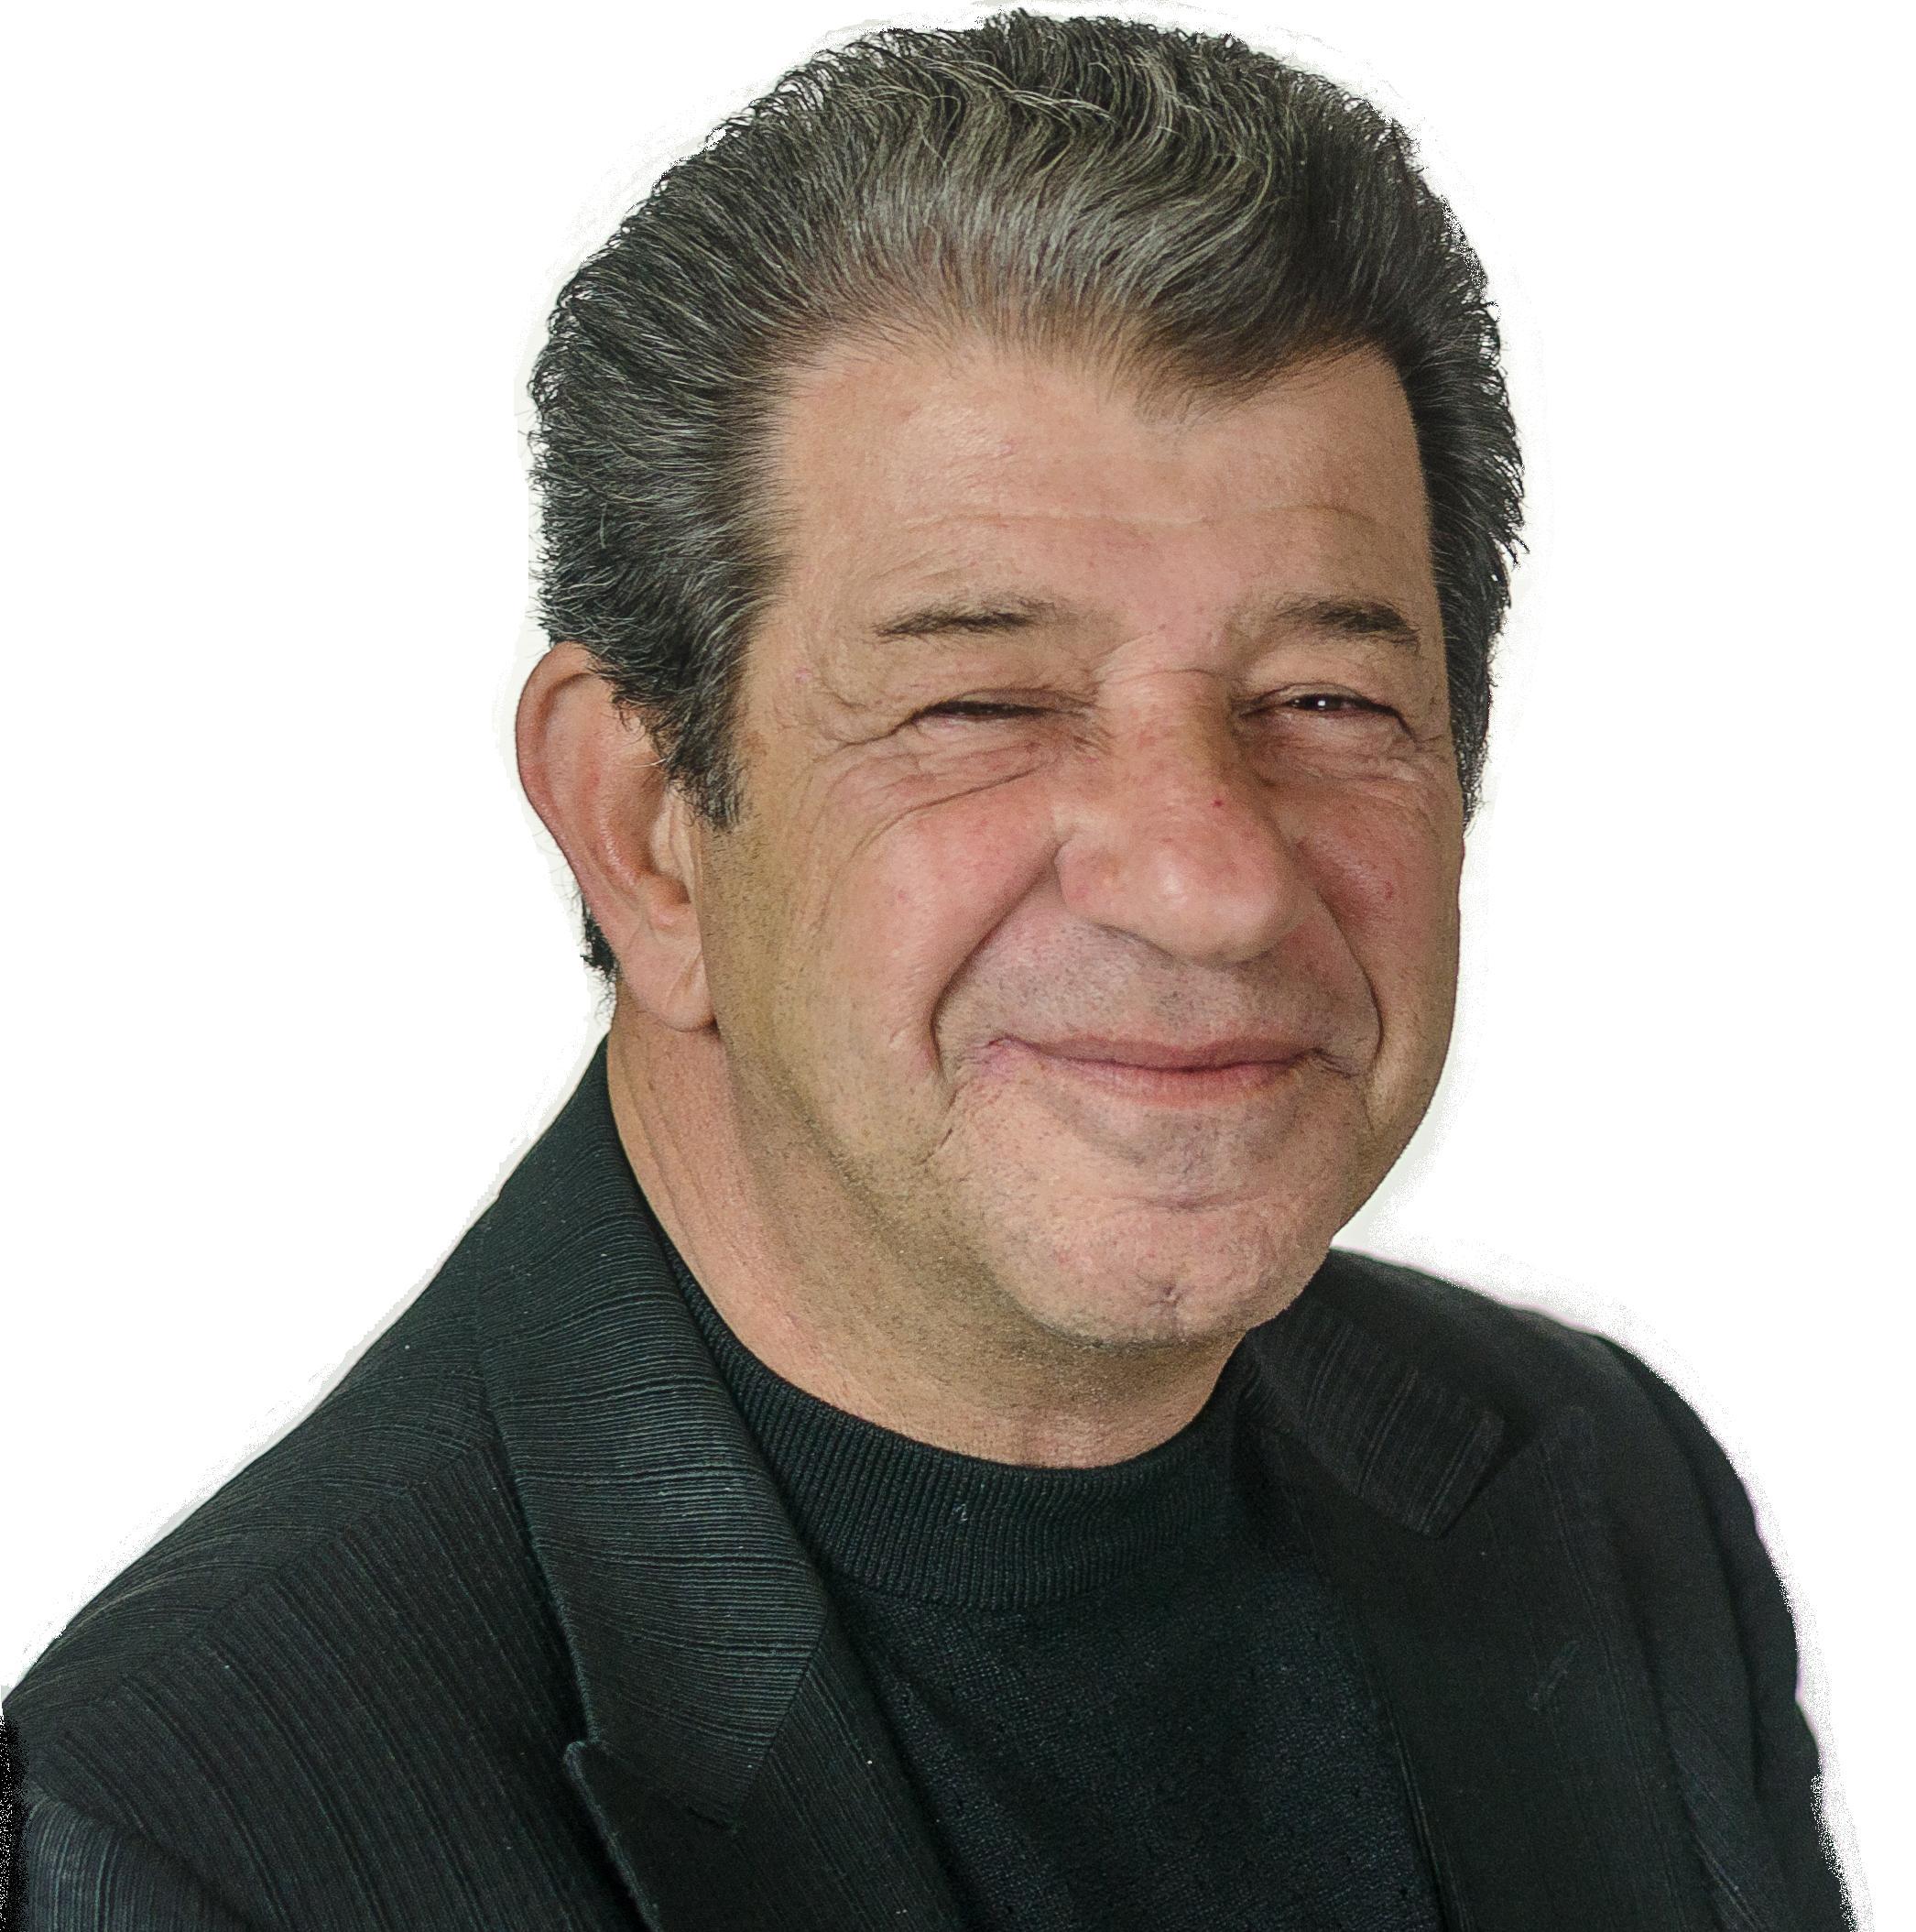 Vincent Roazzi